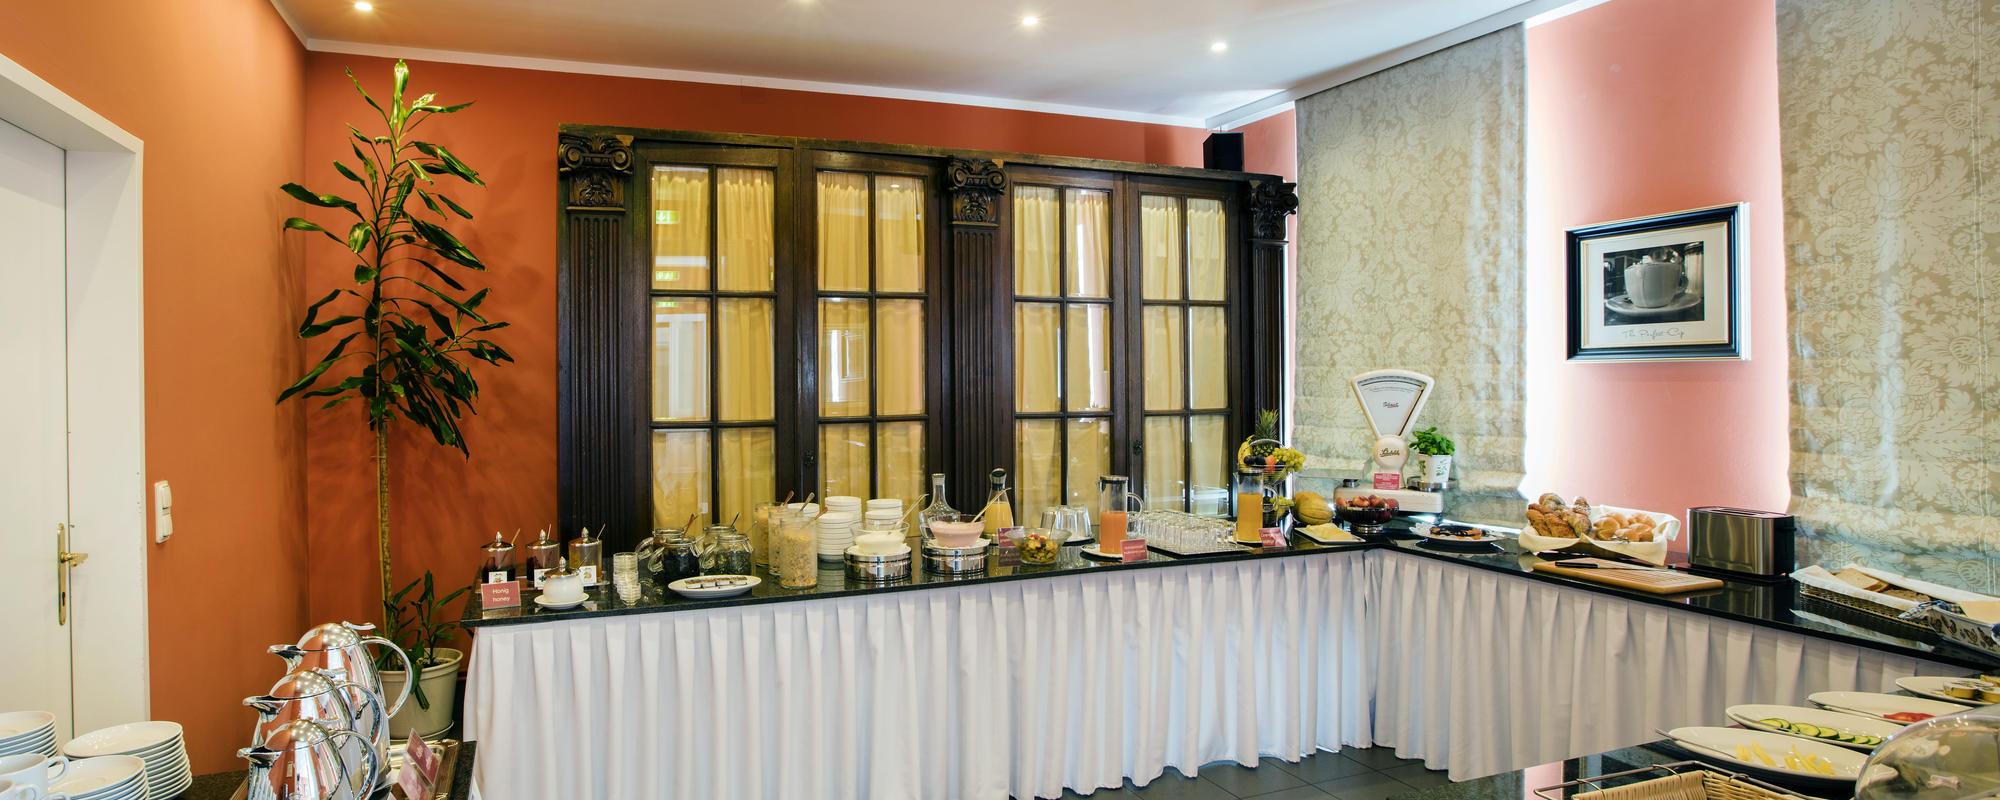 Klassisches Wiener Buffetfrühstück